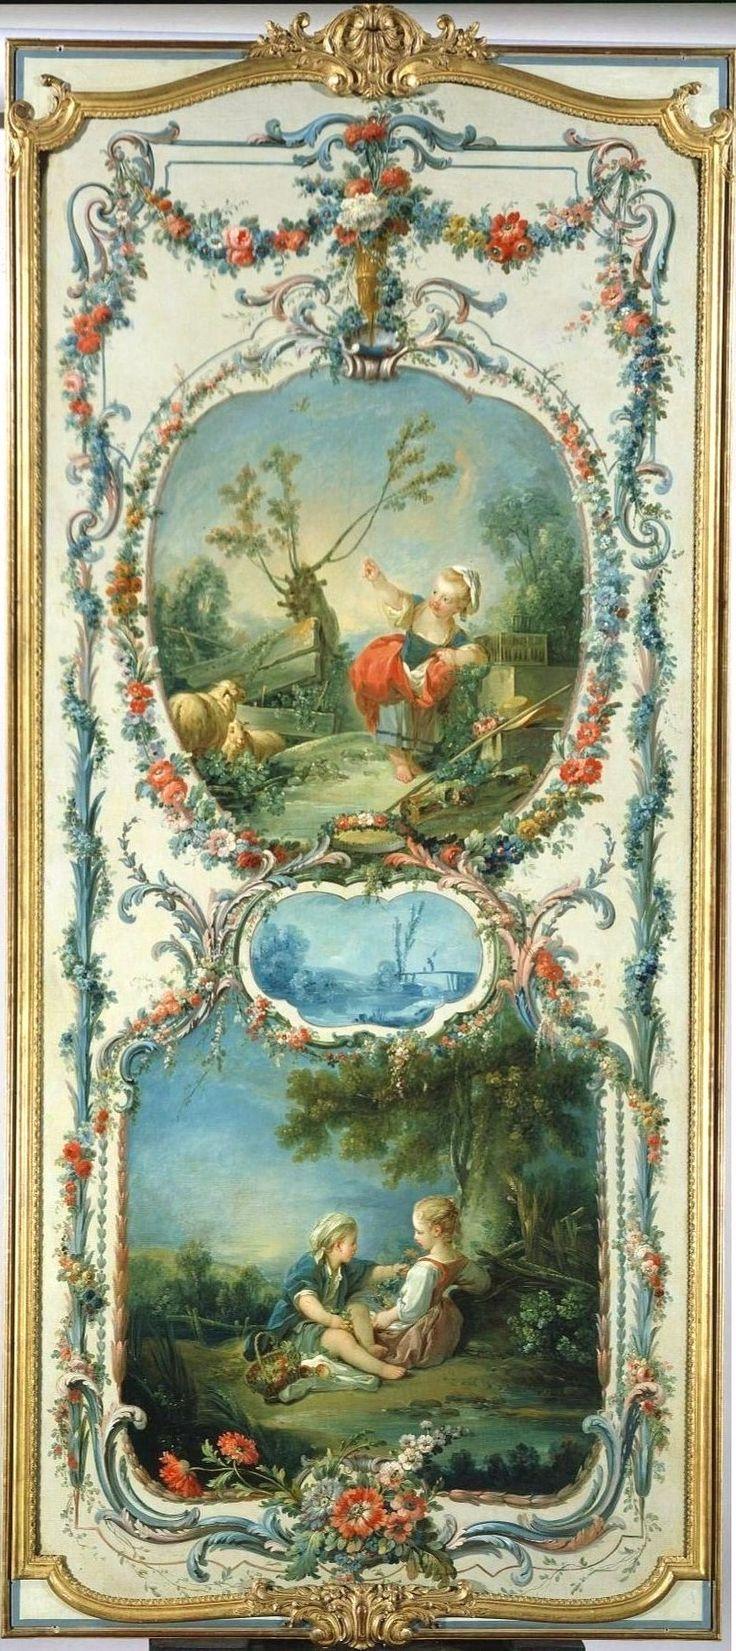 François Boucher (1703 - 1770) Les Arts et des Sciences: Chasse aux oiseaux et de l'horticulture, 1750-1752 huile sur toile Madame de Pompadour, Château de Crécy La Frick Collection